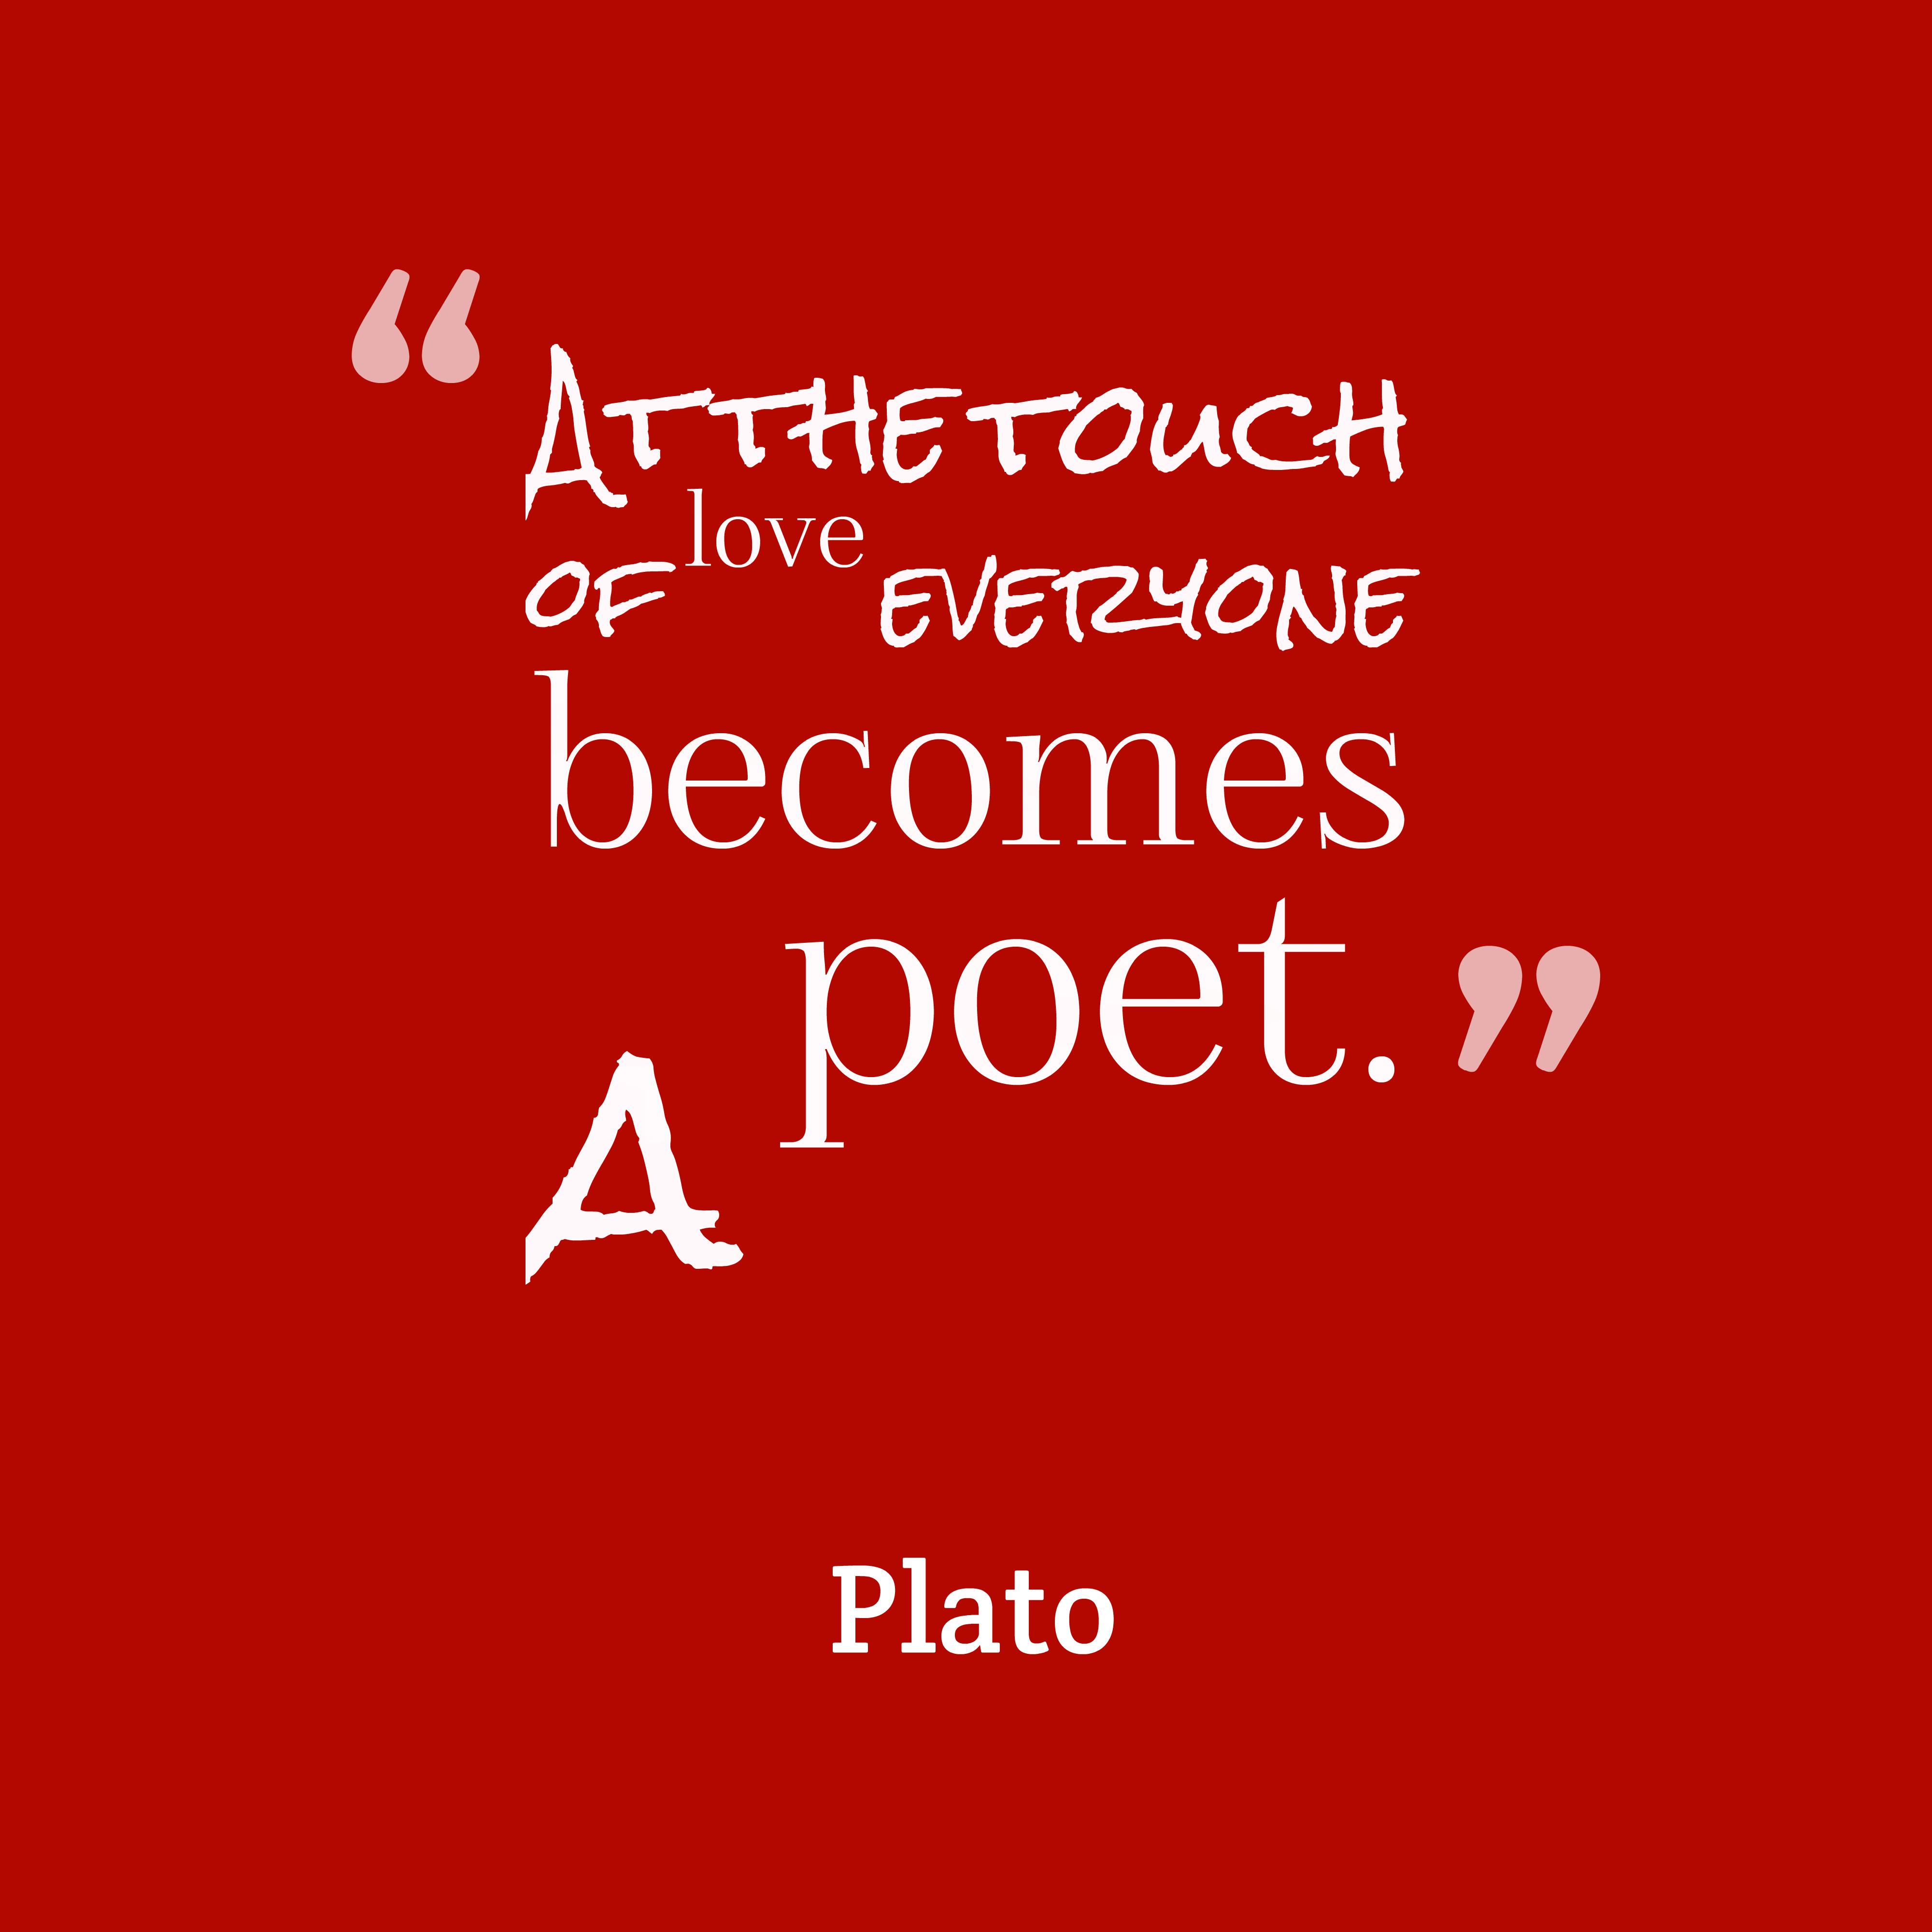 Plato quote about love